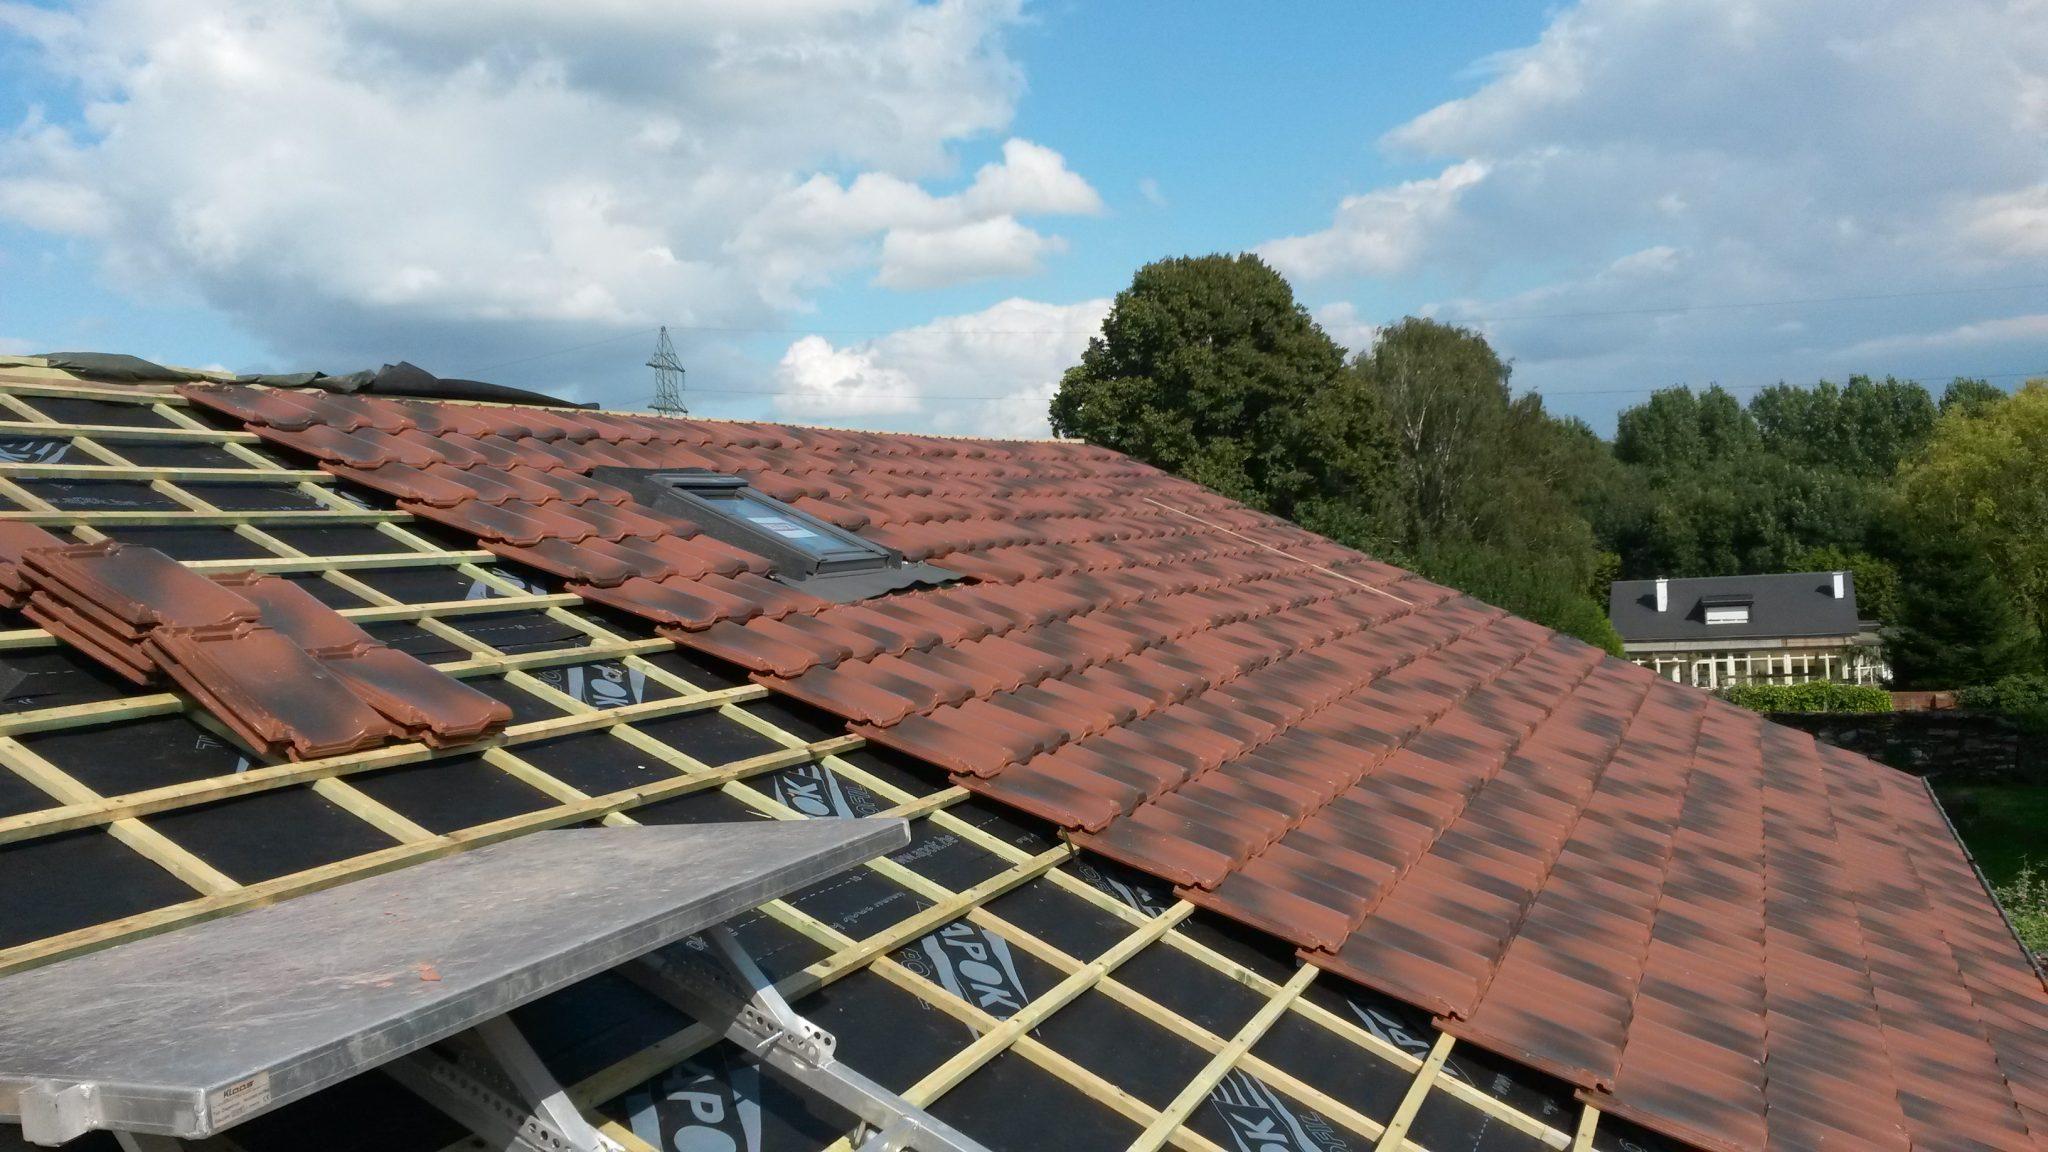 charpente de toiture par RMC